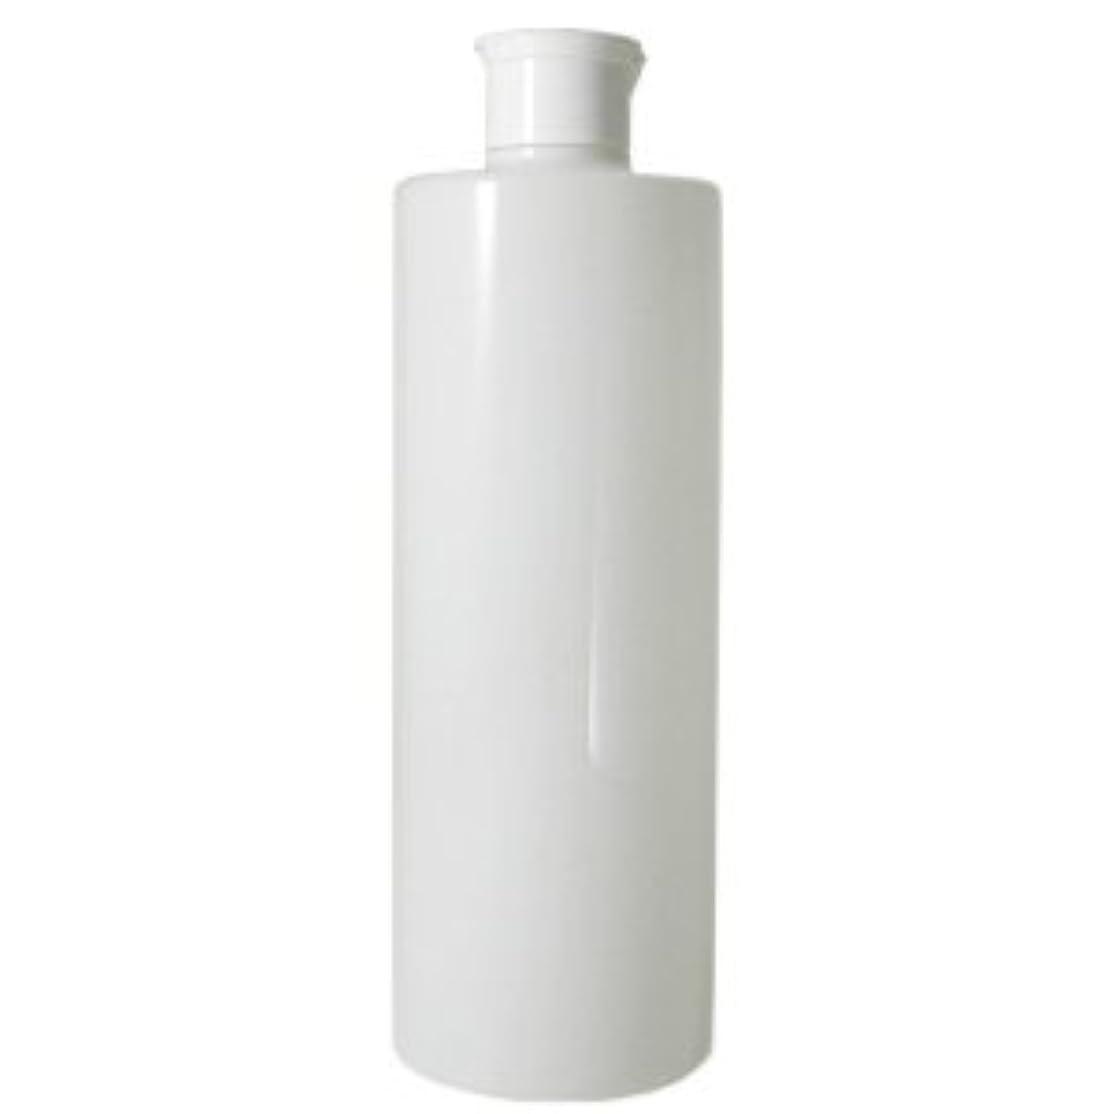 拒否愛情深い韓国ワンタッチキャップ 乳白半透明容器 500ml